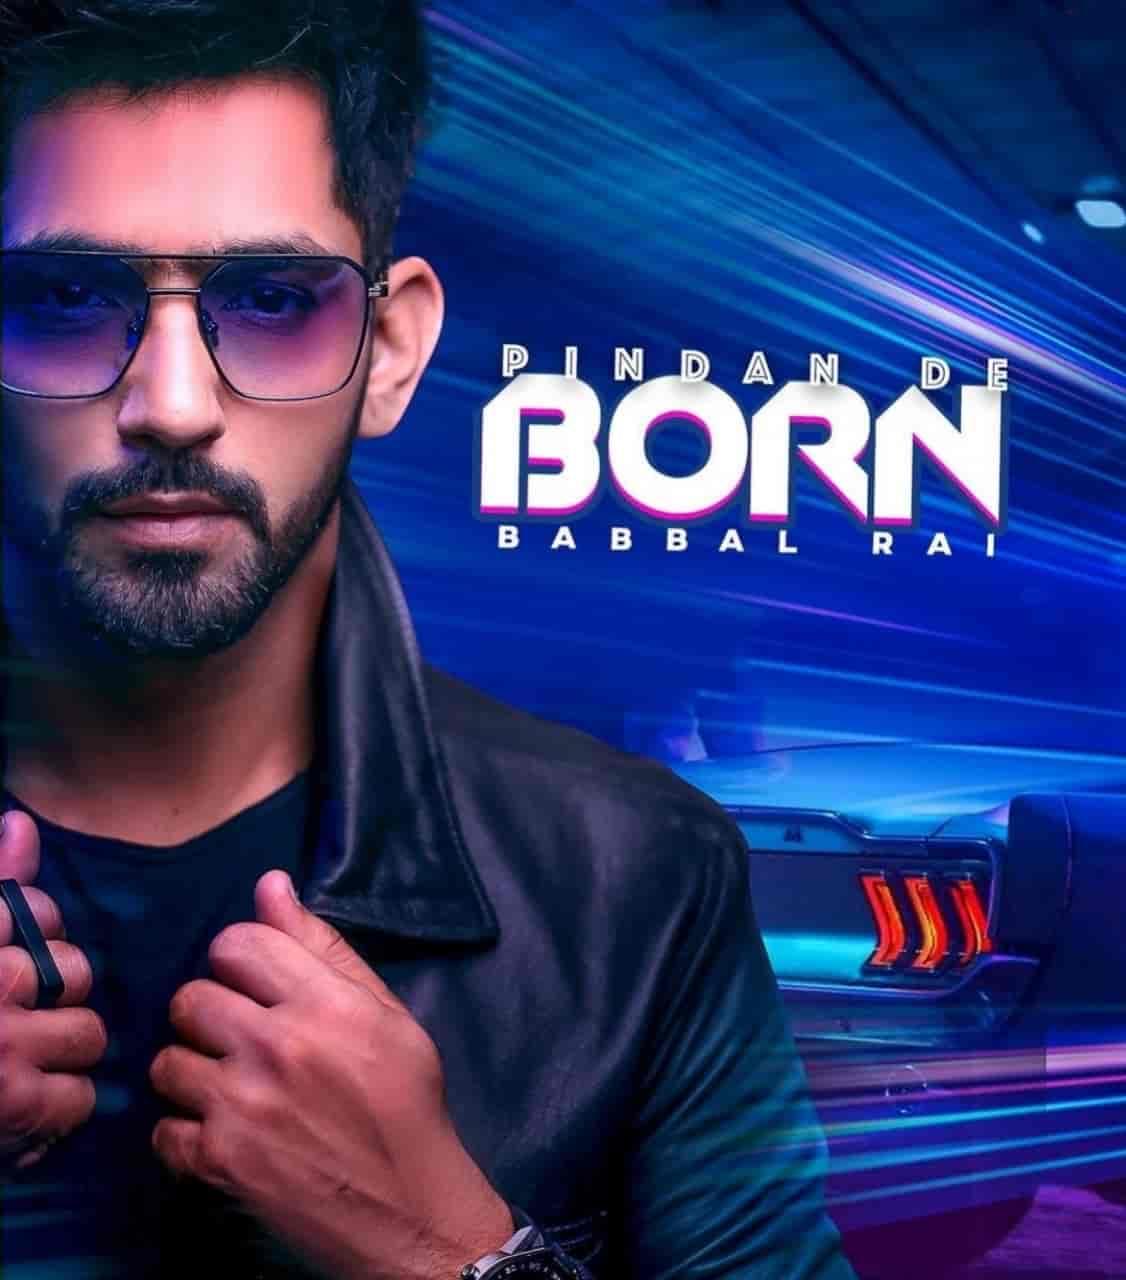 Pindan De Born Punjabi Song Image Features Babbal Rai